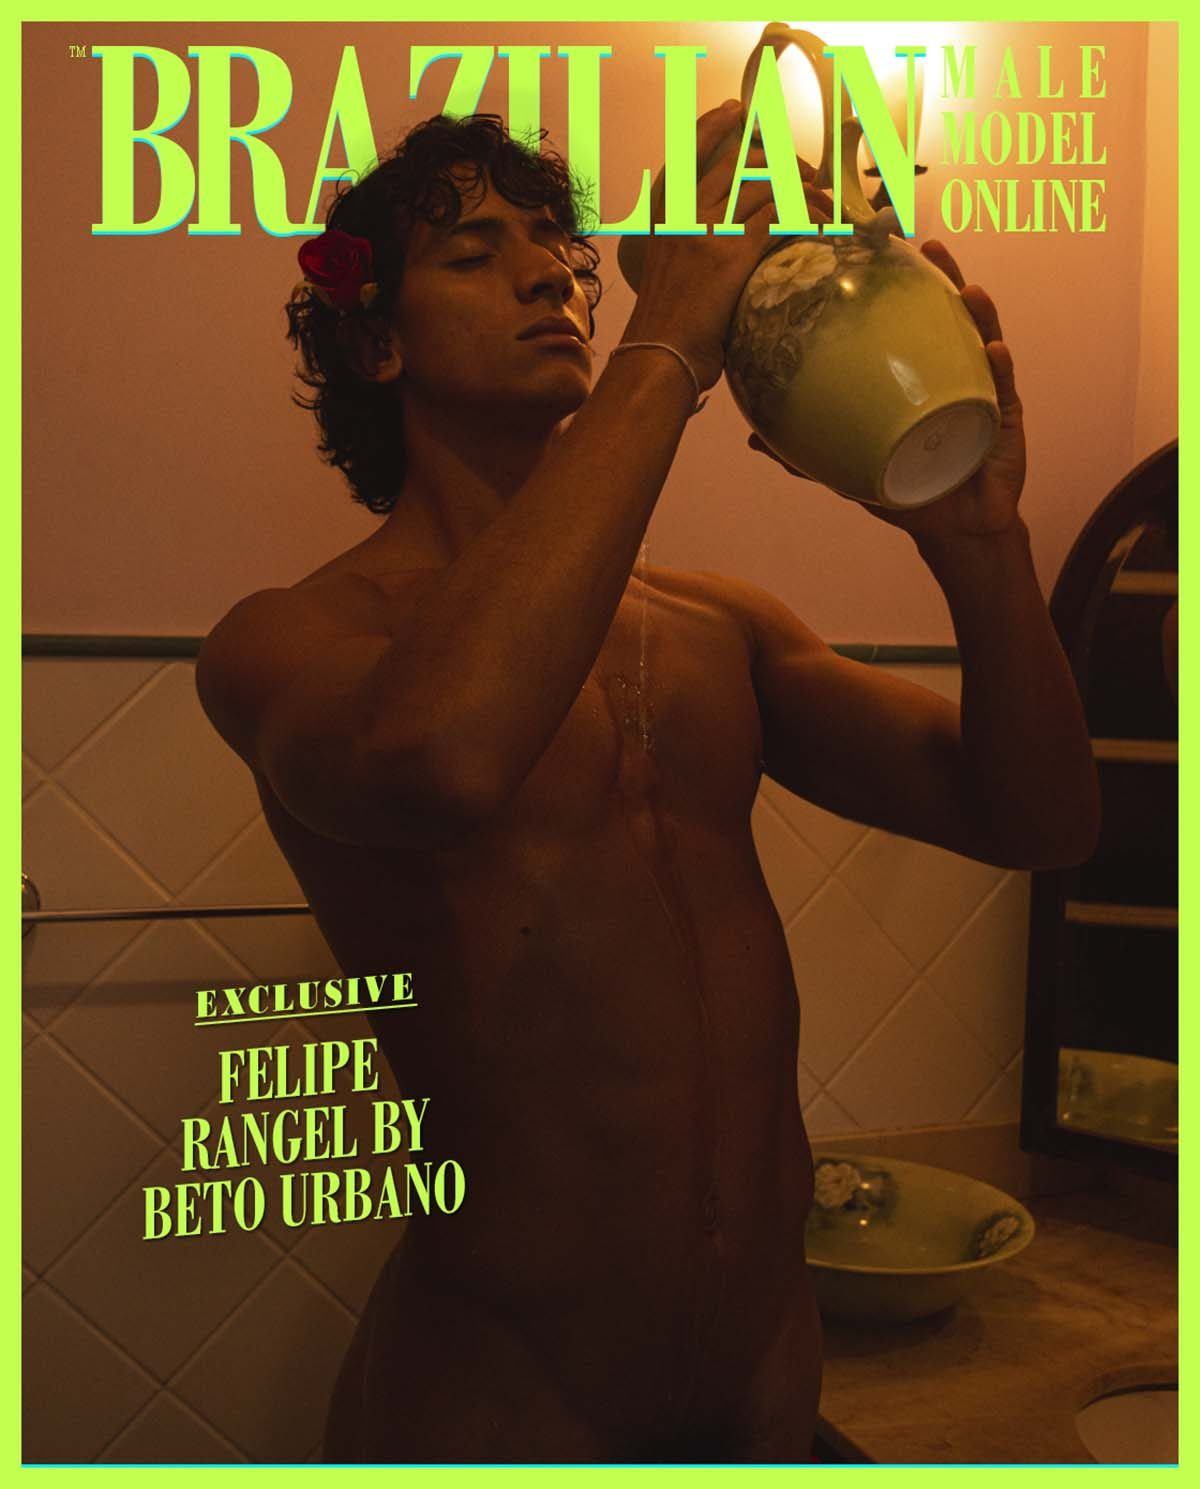 Felipe Rangel by Beto Urbano